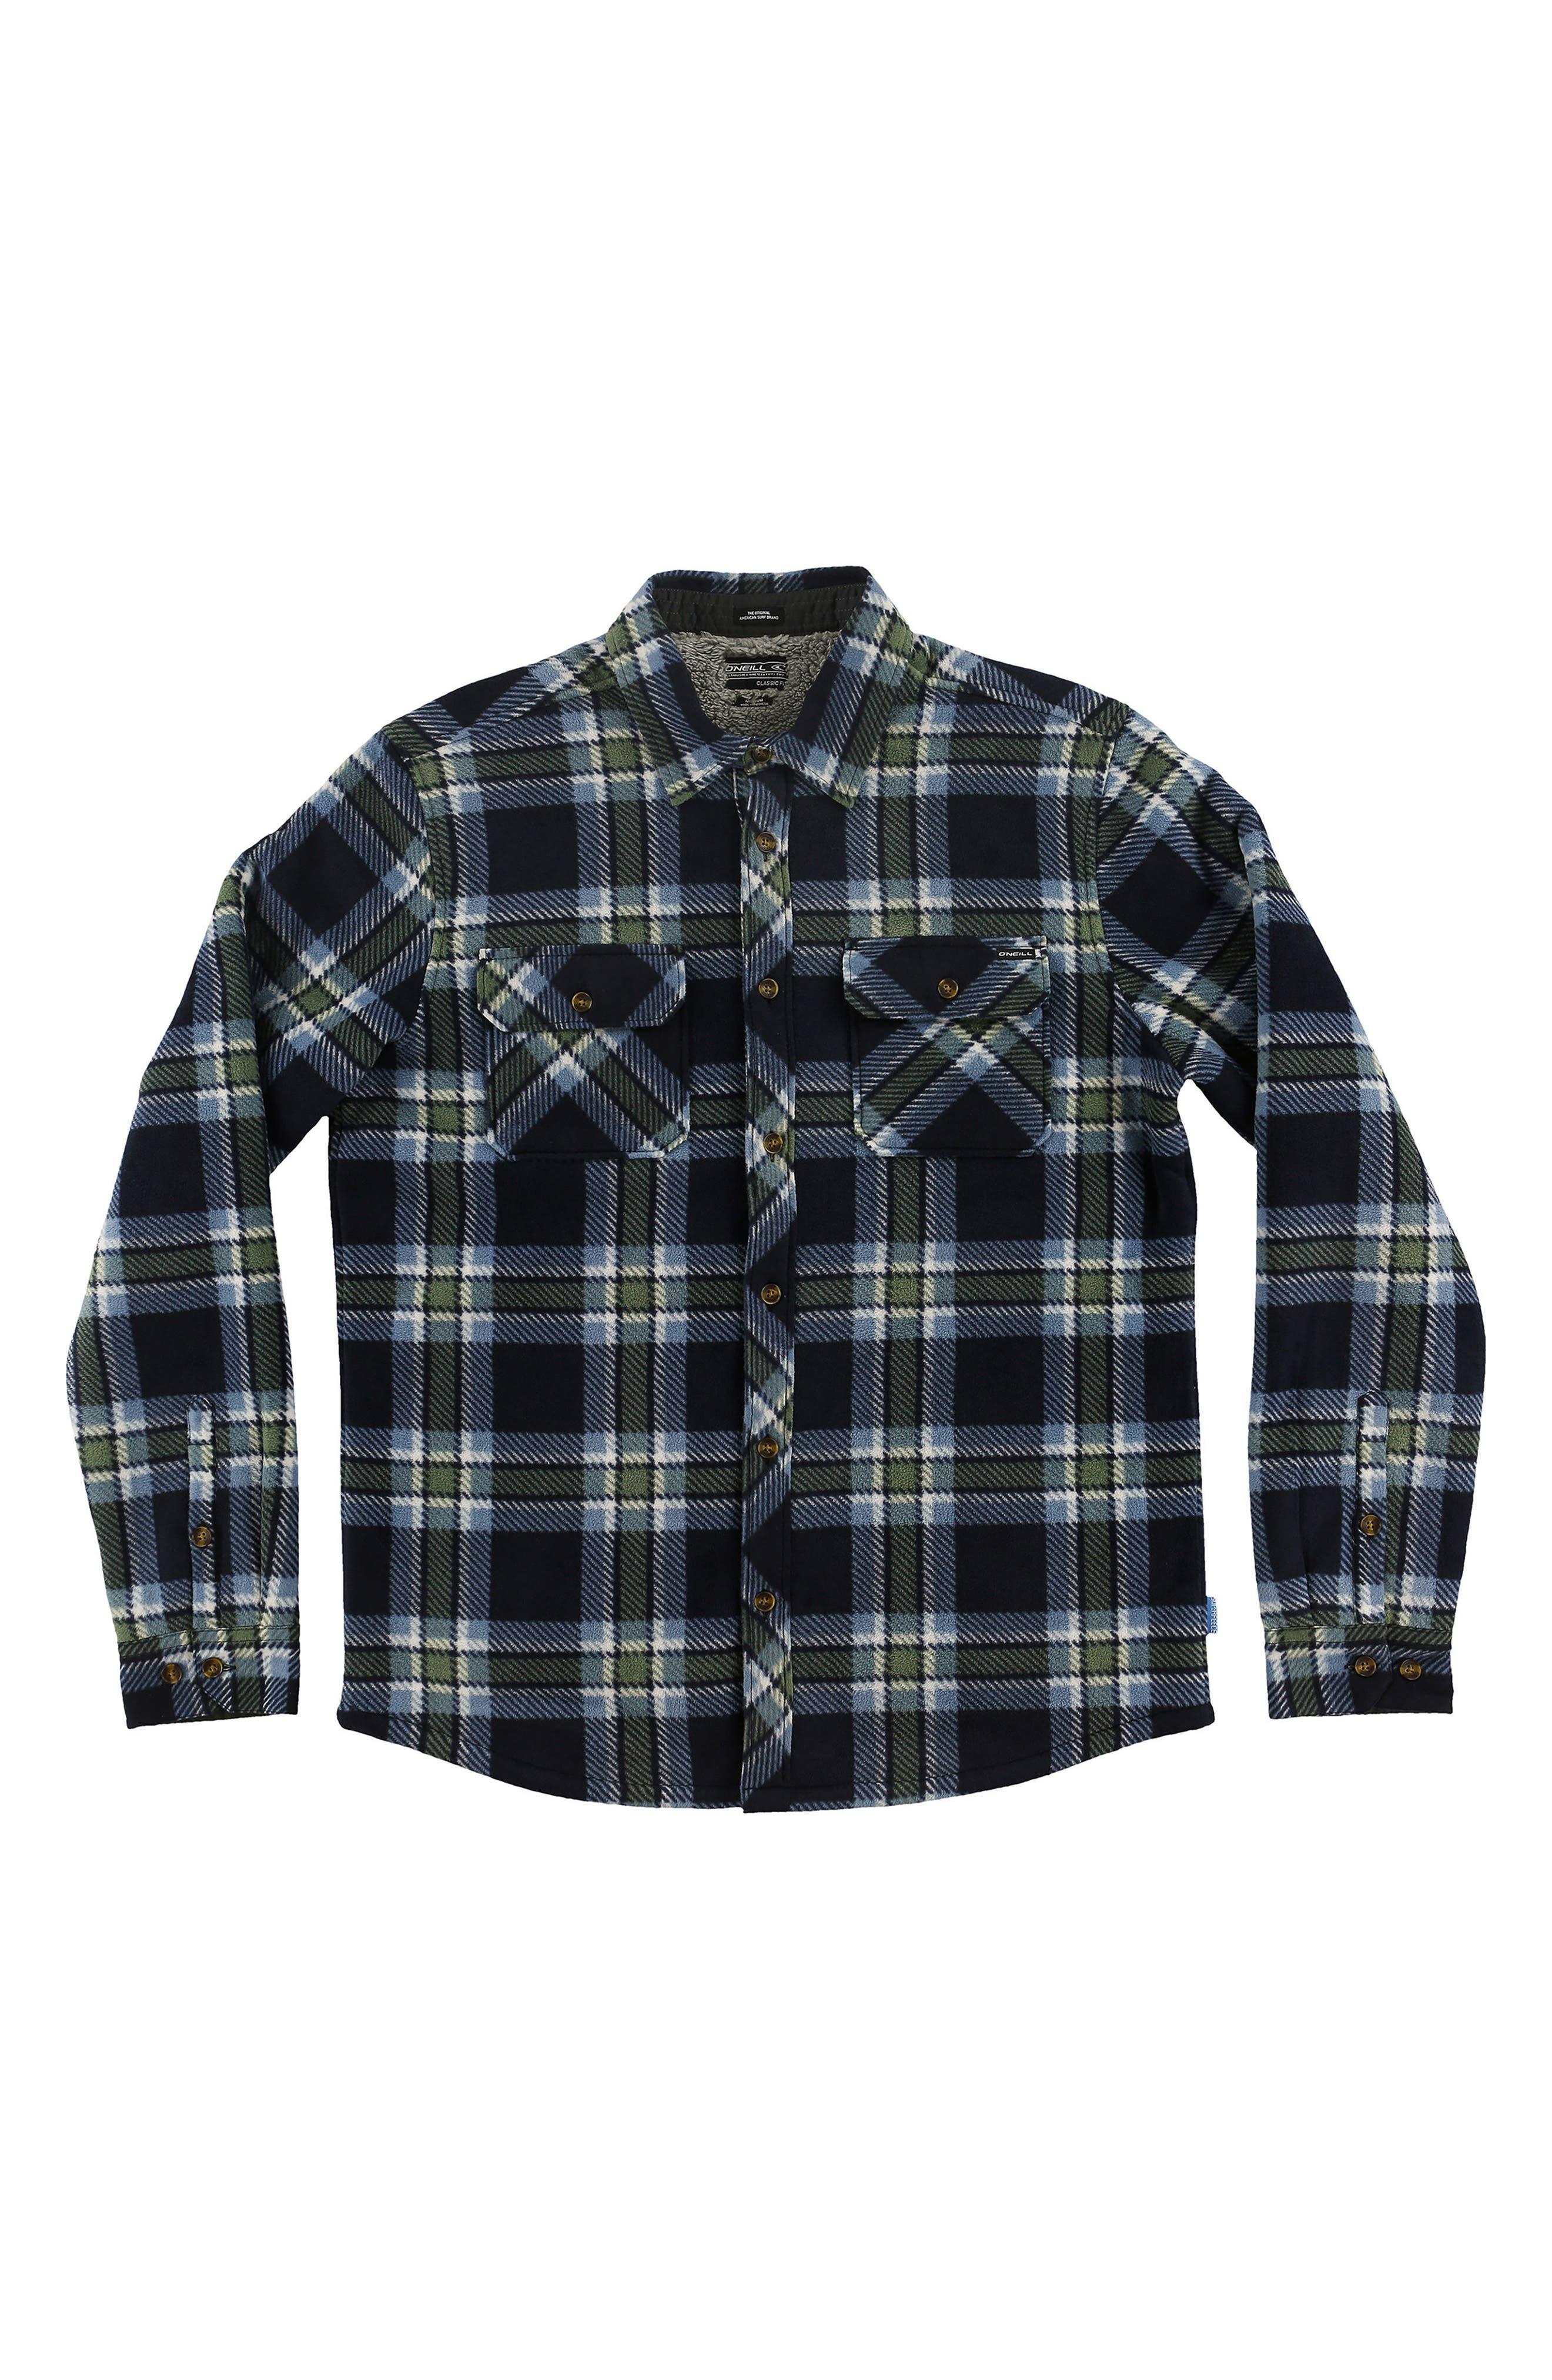 O'NEILL Glacier Heat Dome Terry Plaid Shirt, Main, color, 410